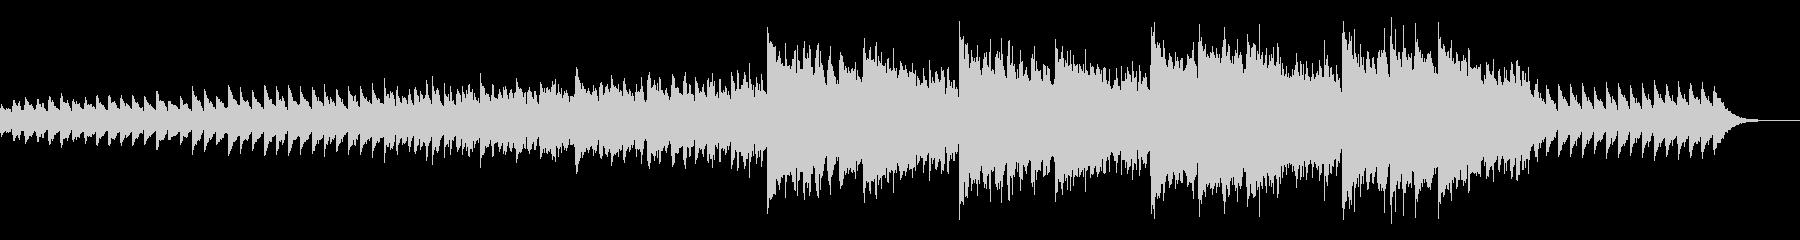 ちょっぴりシリアスなピアノインストの未再生の波形